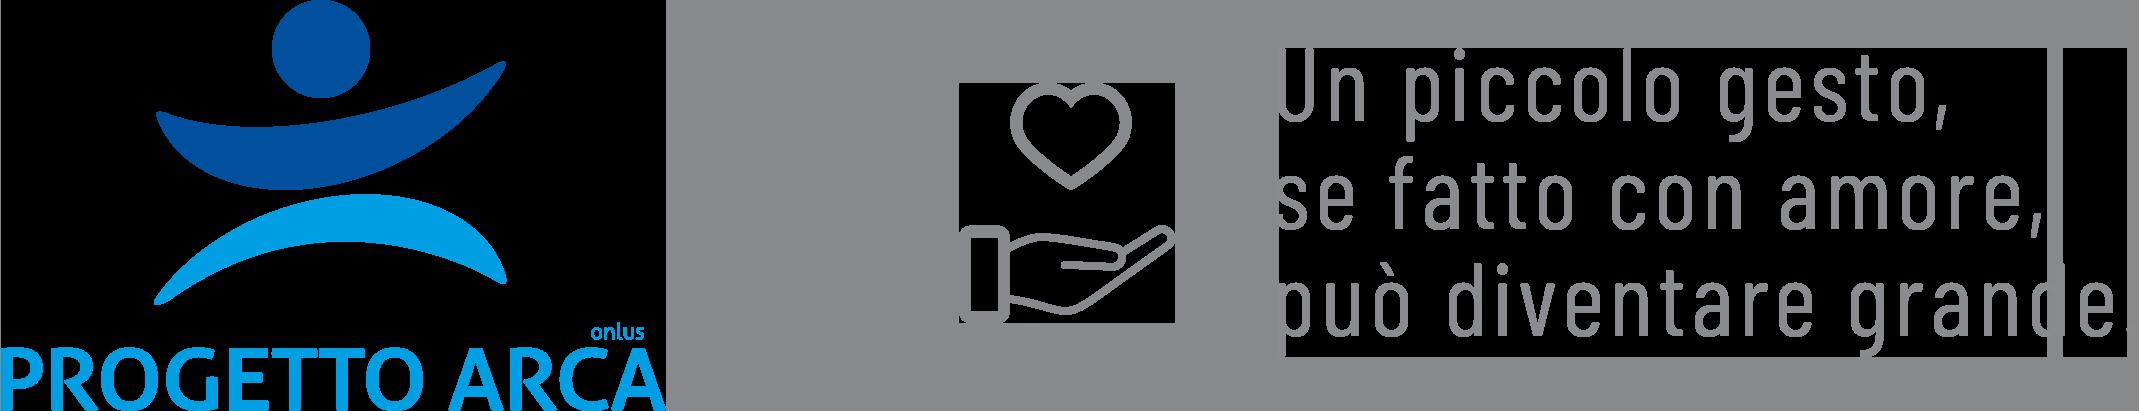 logo_Progetto_Arca_1